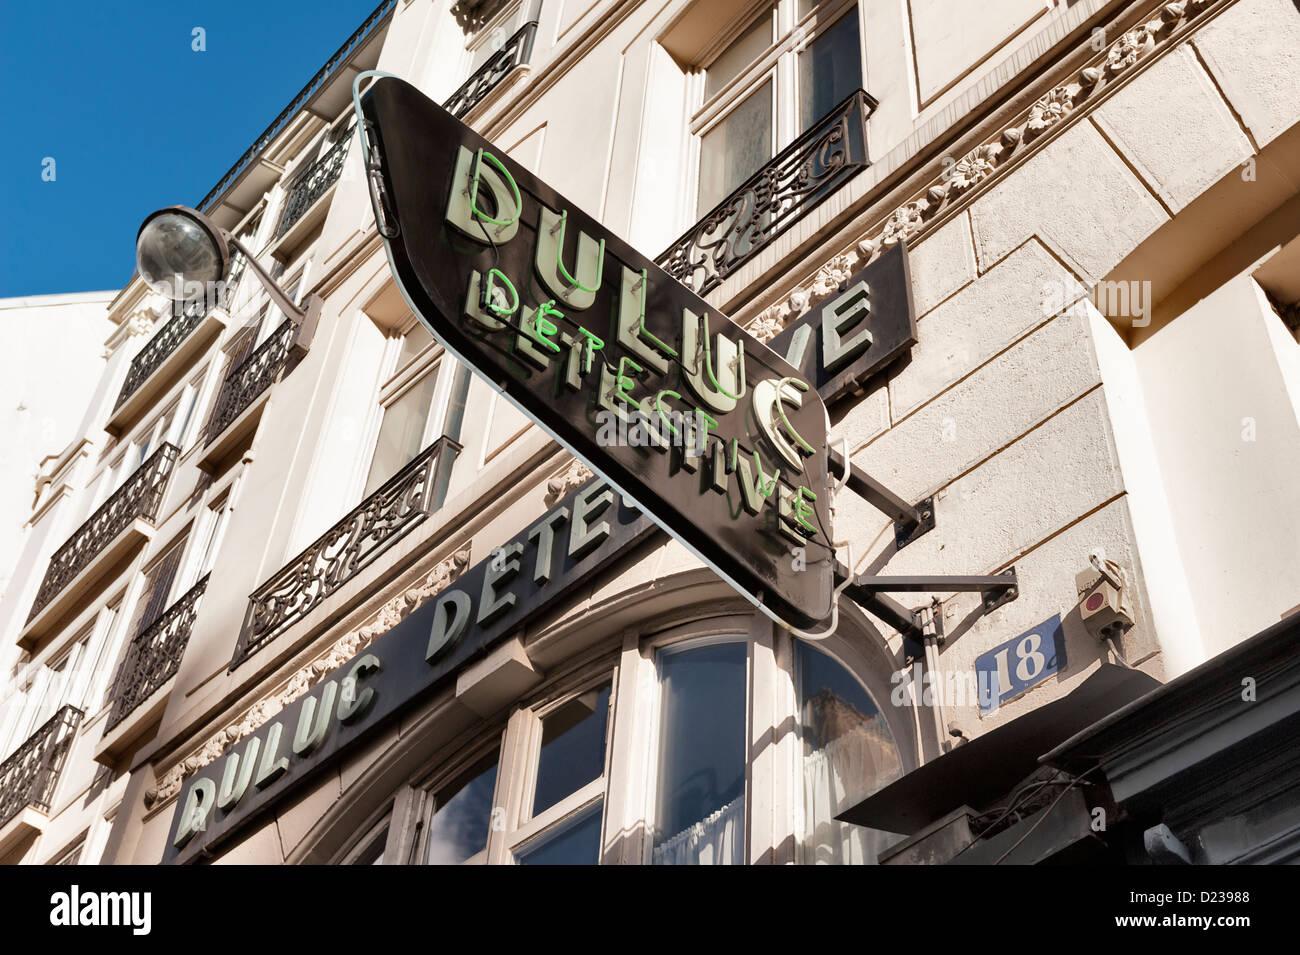 PARIS, FRANCE: The famous Duluc Detective Agency at 18, Rue du Louvre Paris. - Stock Image